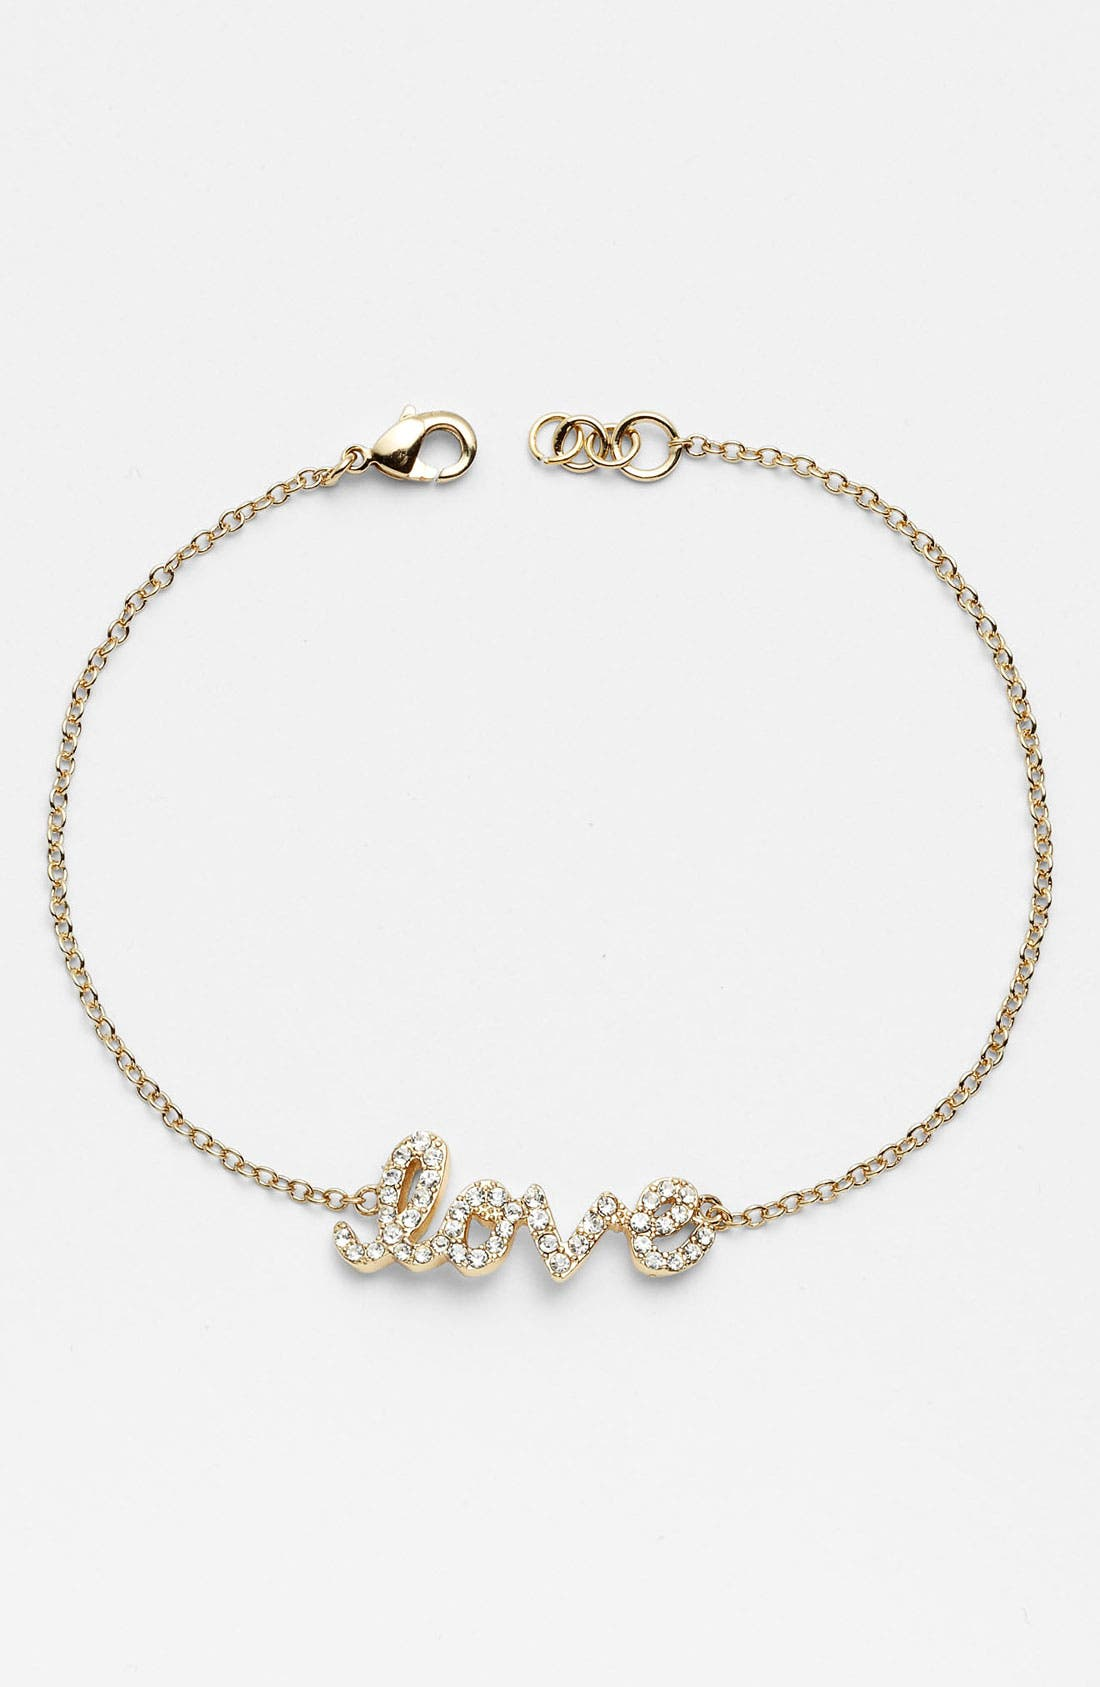 Main Image - Ariella Collection 'Messages - Love' Script Station Bracelet